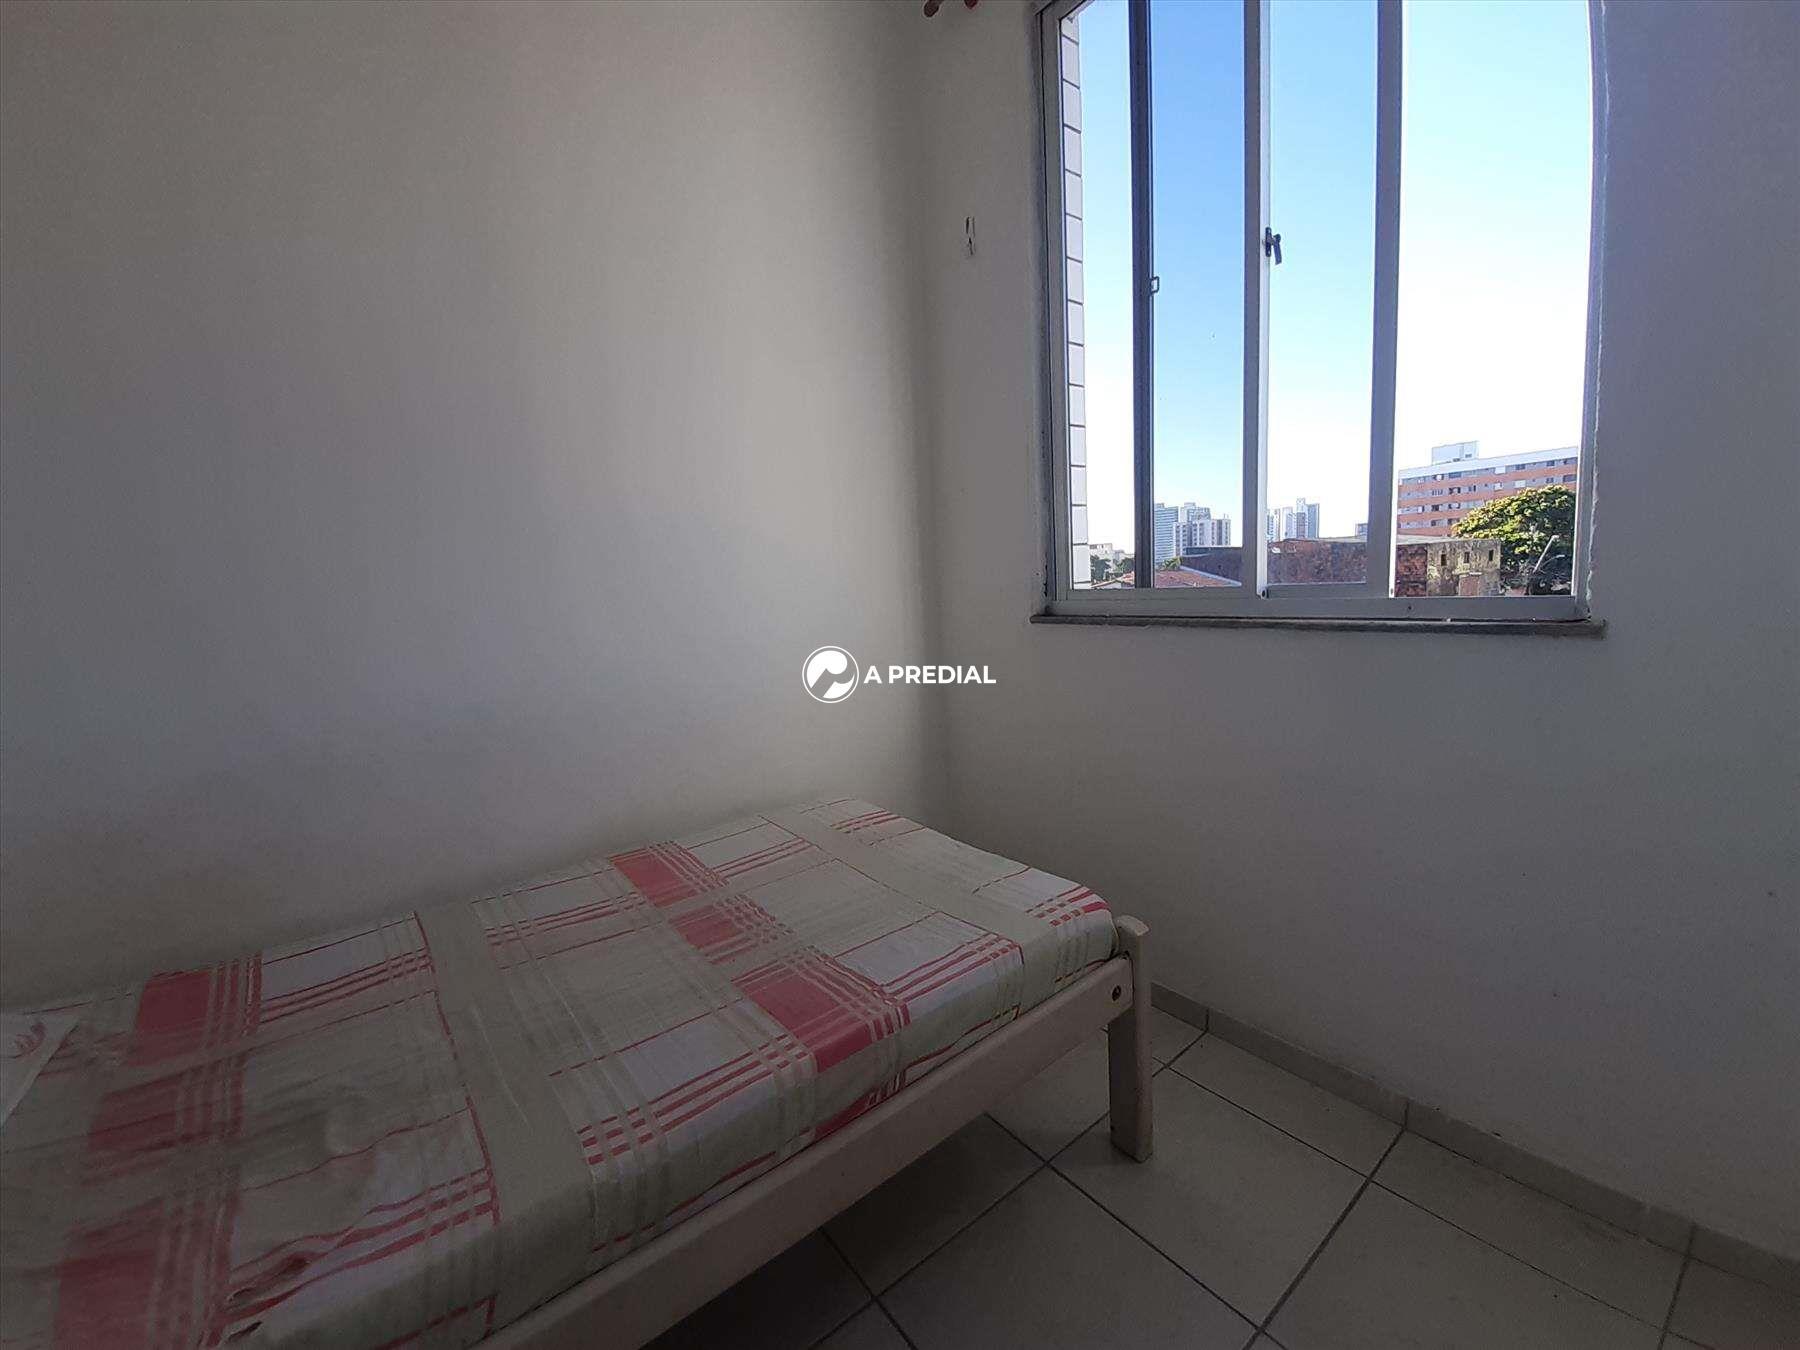 Apartamento à venda no Joaquim Távora: c7fed8f2-6-20200804_155806.jpg